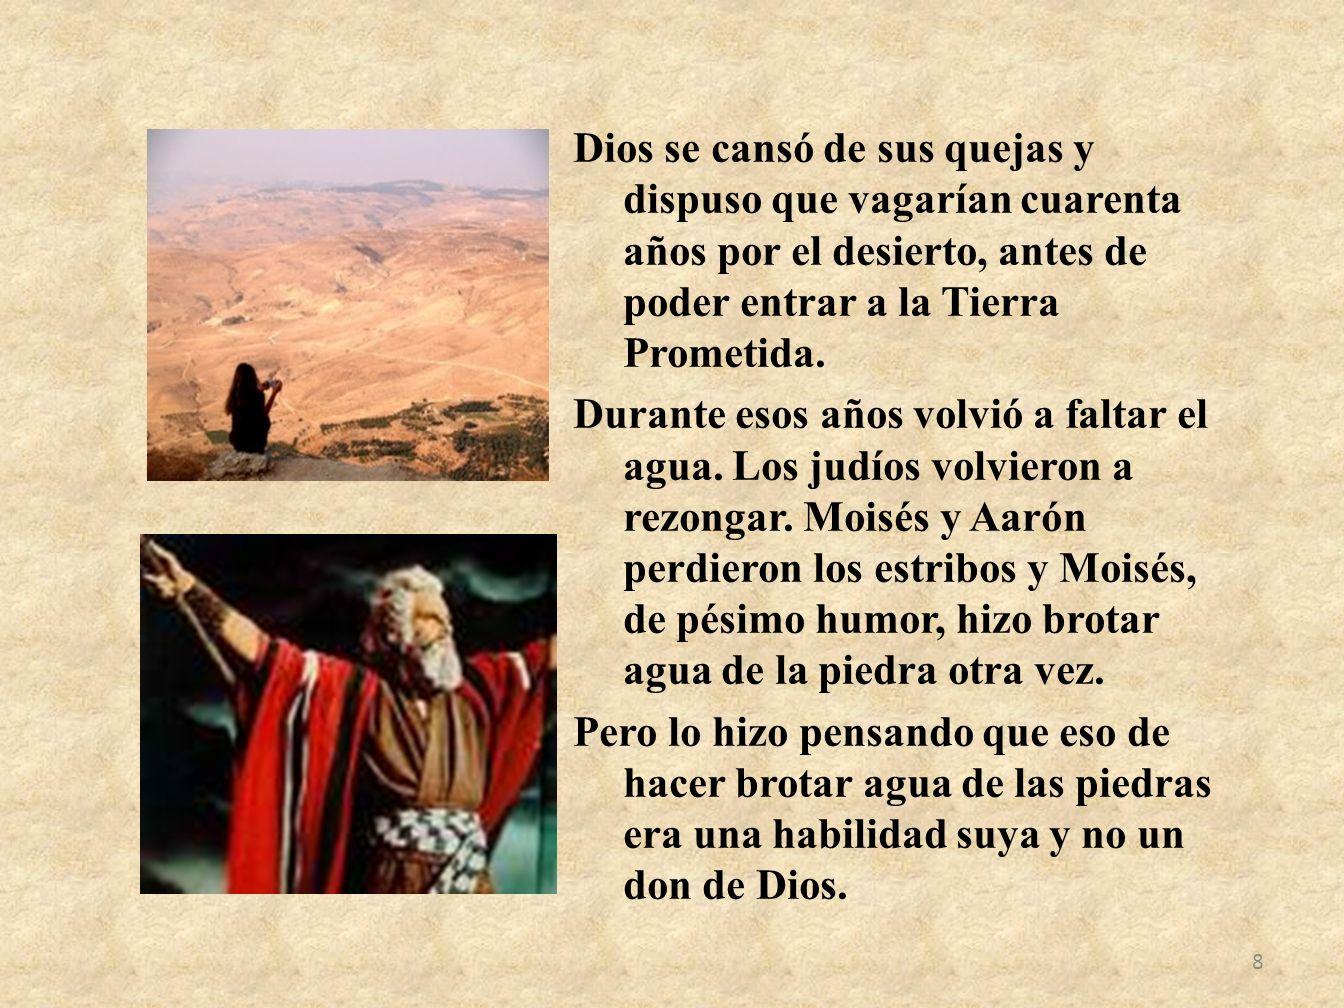 Dios se cansó de sus quejas y dispuso que vagarían cuarenta años por el desierto, antes de poder entrar a la Tierra Prometida.